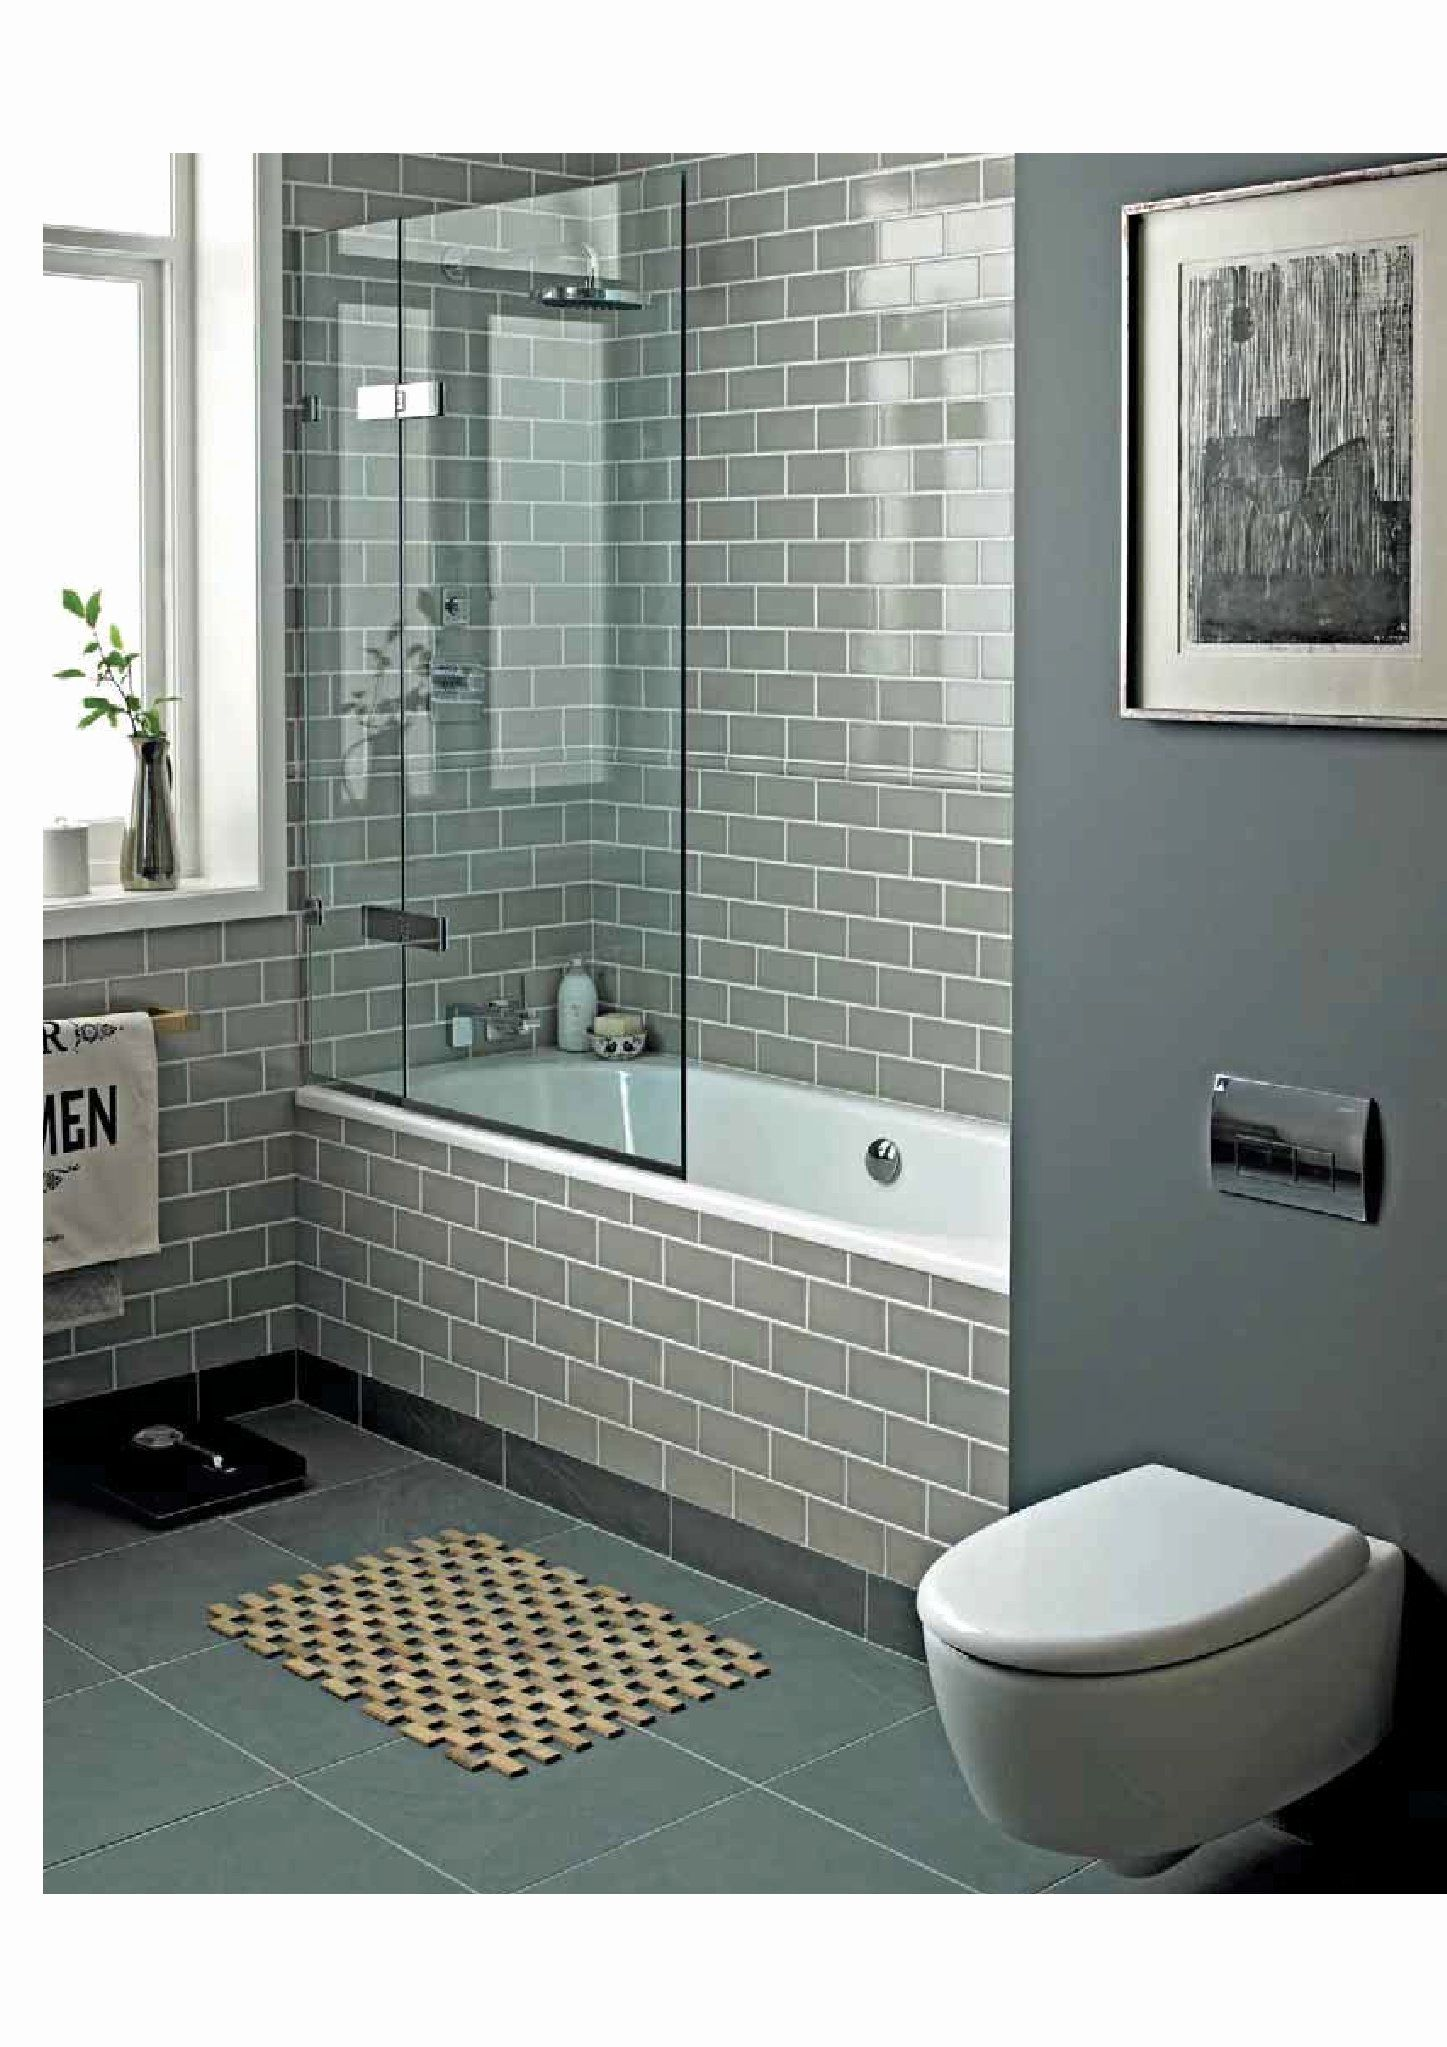 pin by ana samaniego on baths in 2019 bathroom bathroom tub rh pinterest com